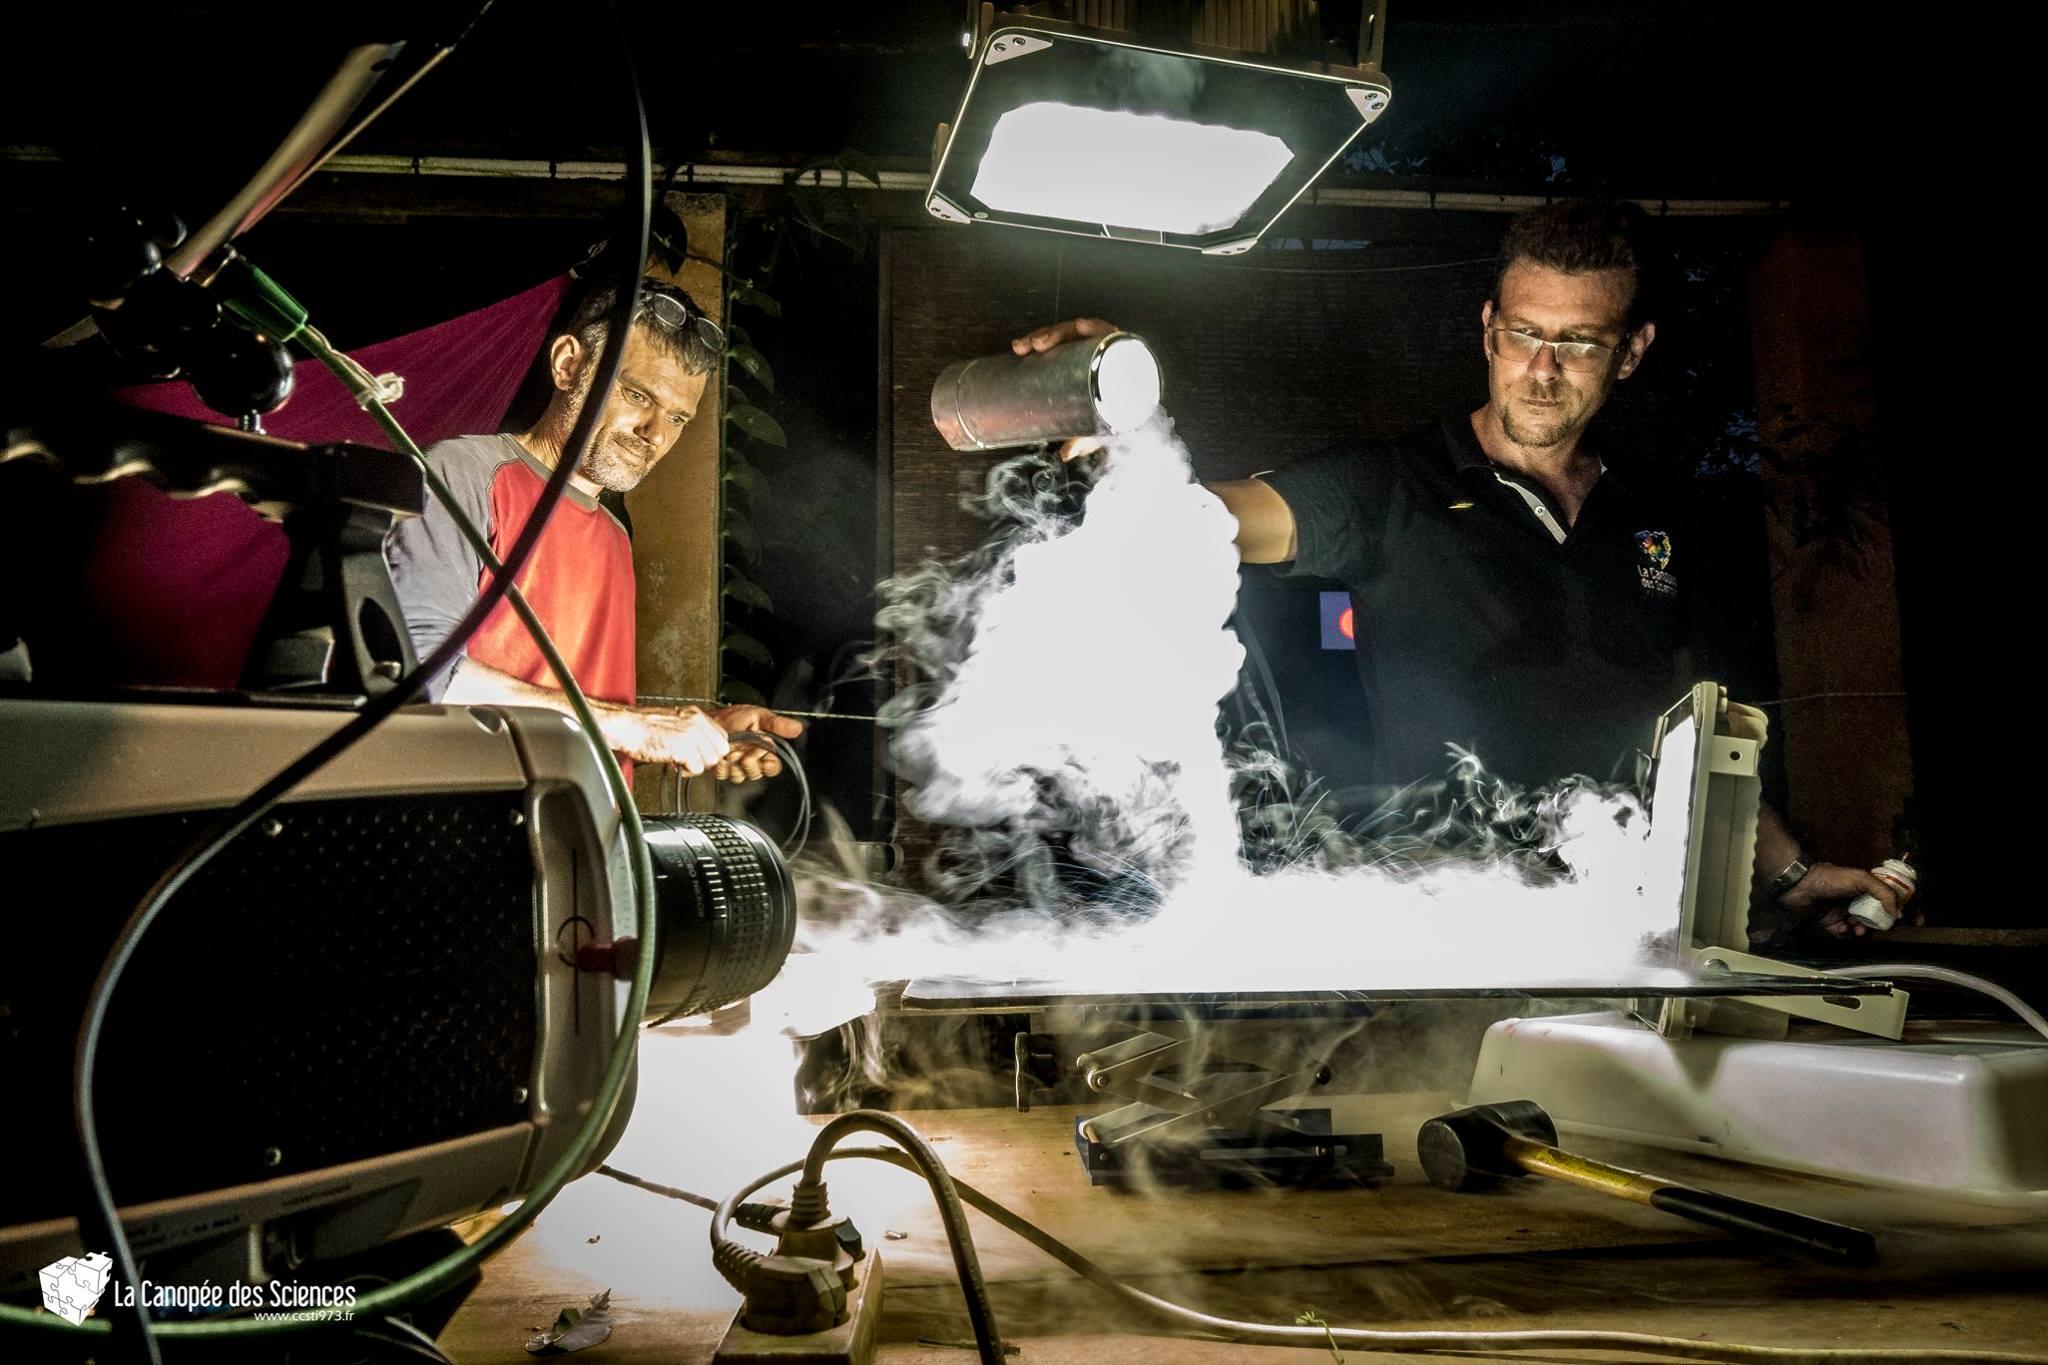 Tanguy Stoecklé et Olivier Marnette pendant une expérience avec de l'azote liquide.